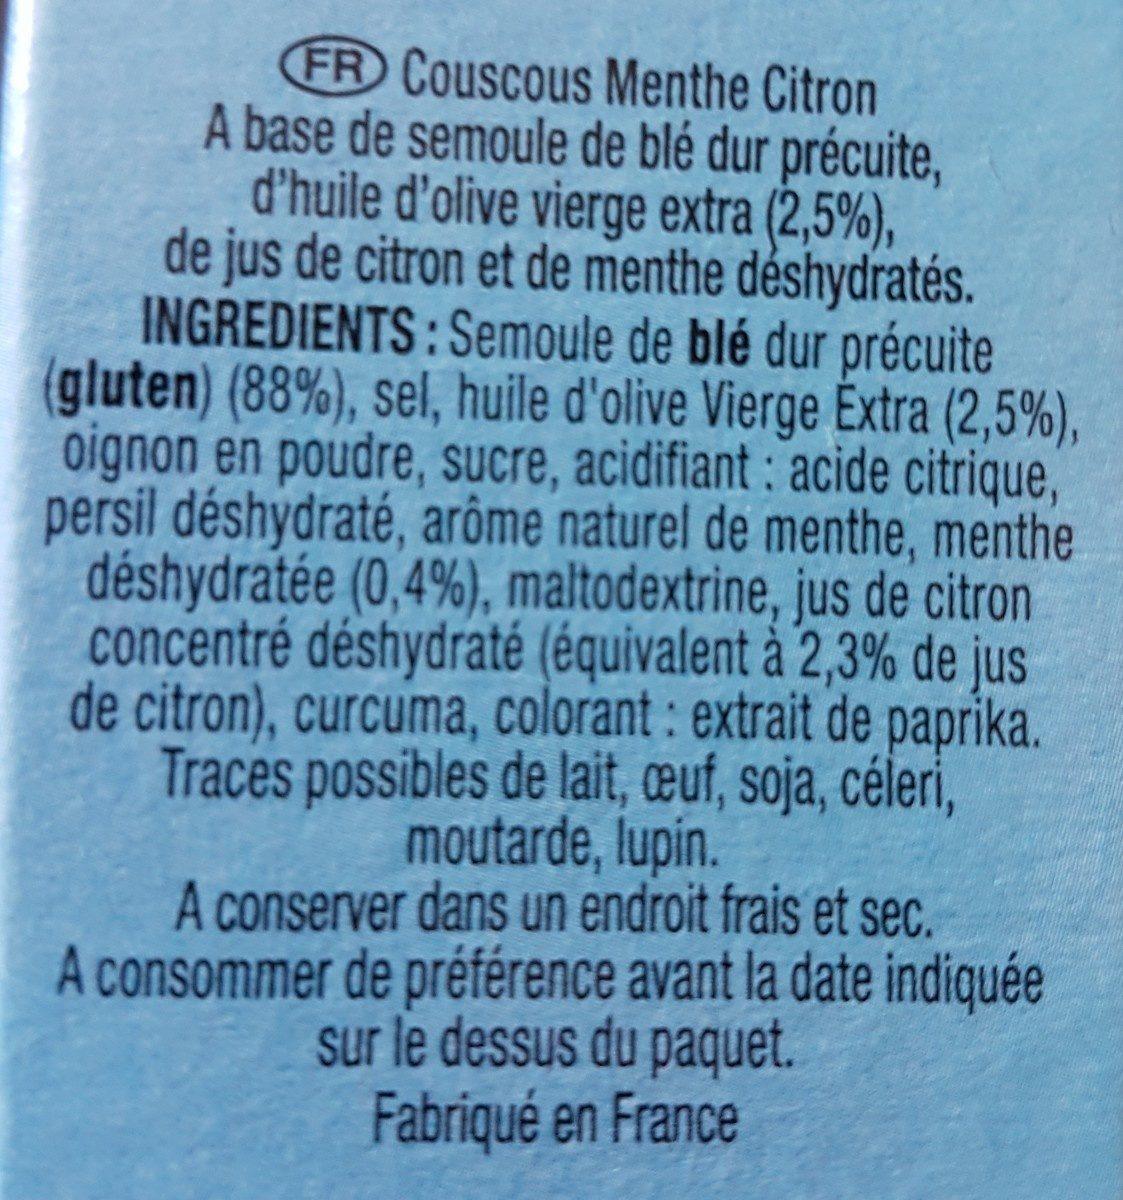 Couscous Menthe Citron - Ingredients - fr